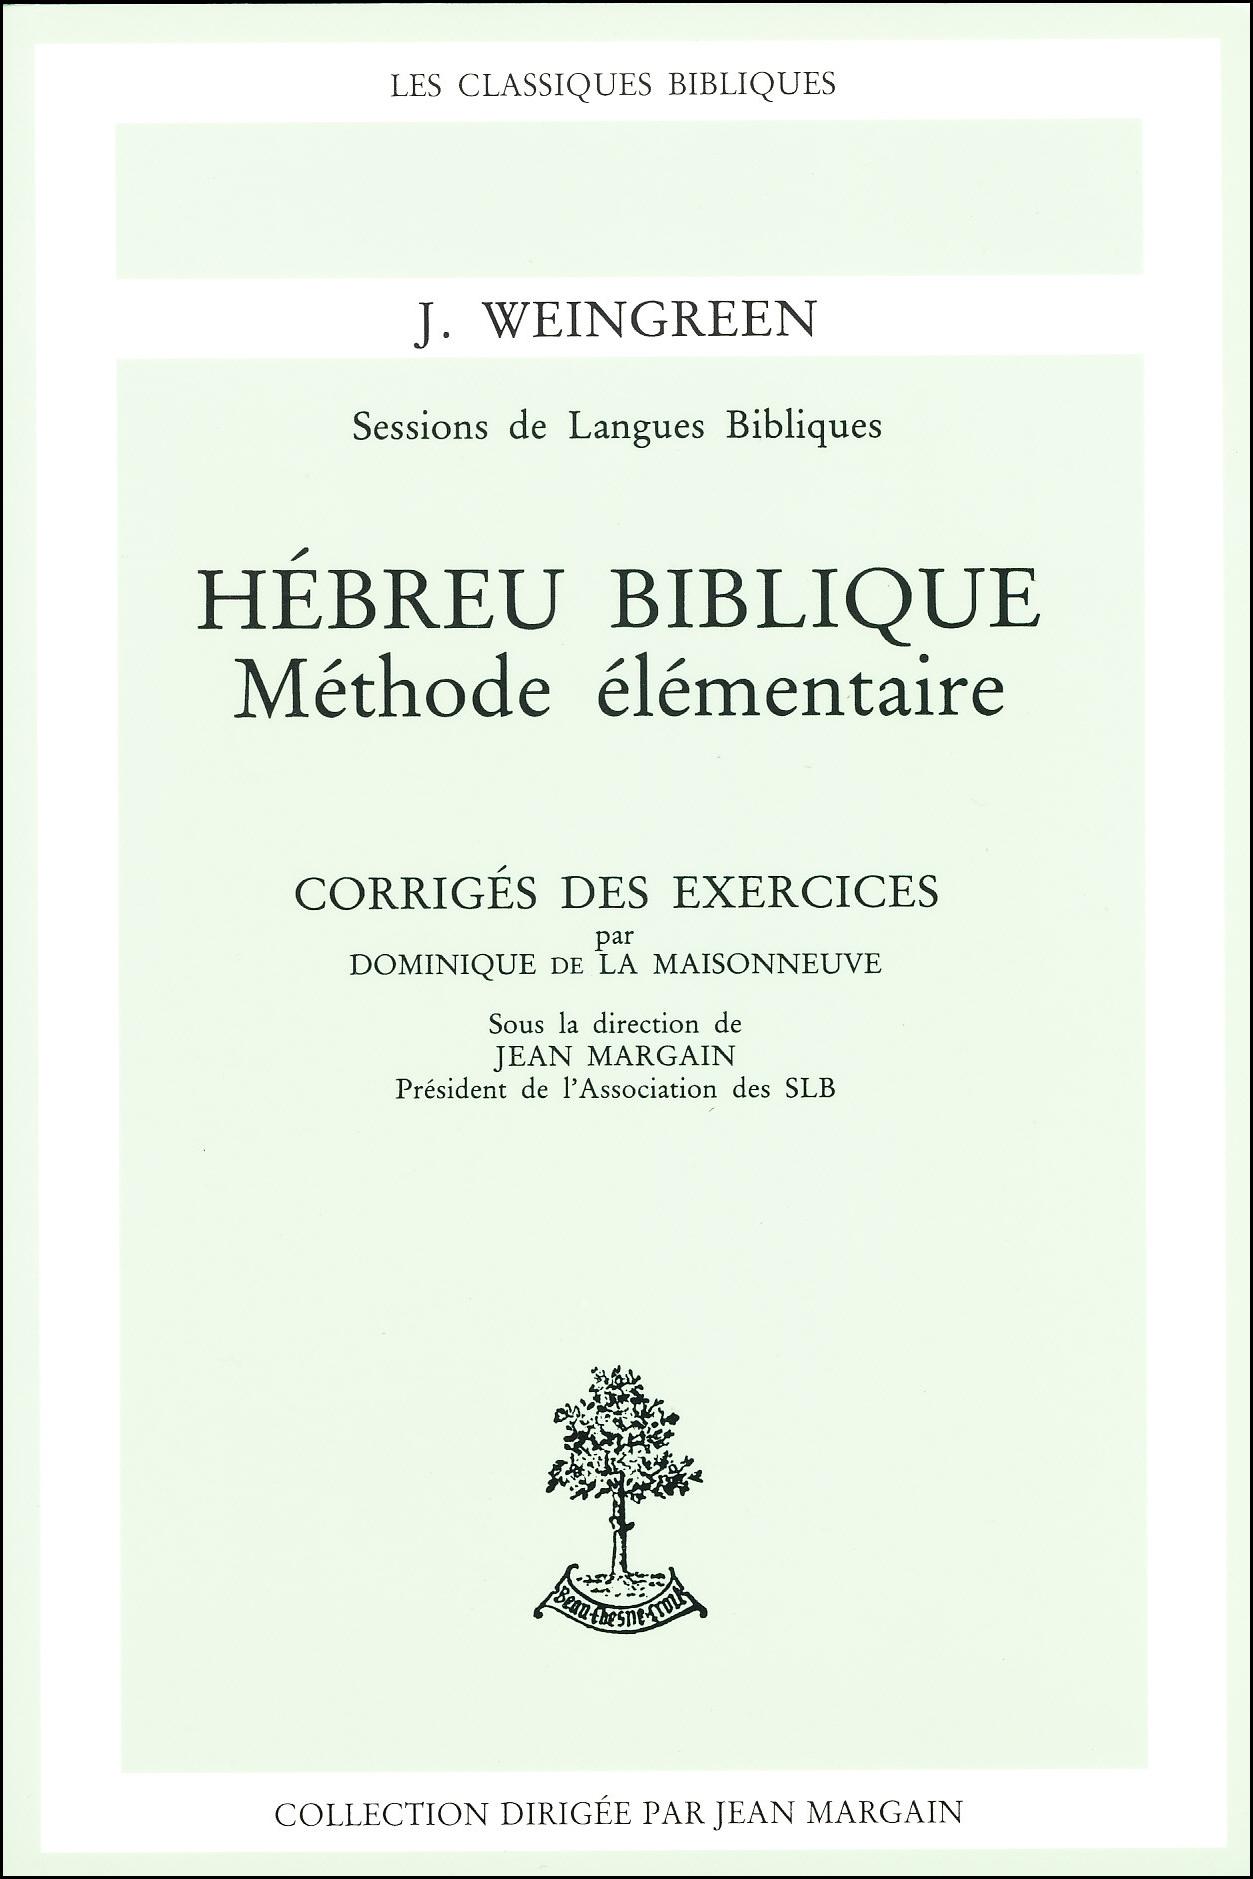 HEBREU BIBLIQUE CORRIGE DES EXERCICES